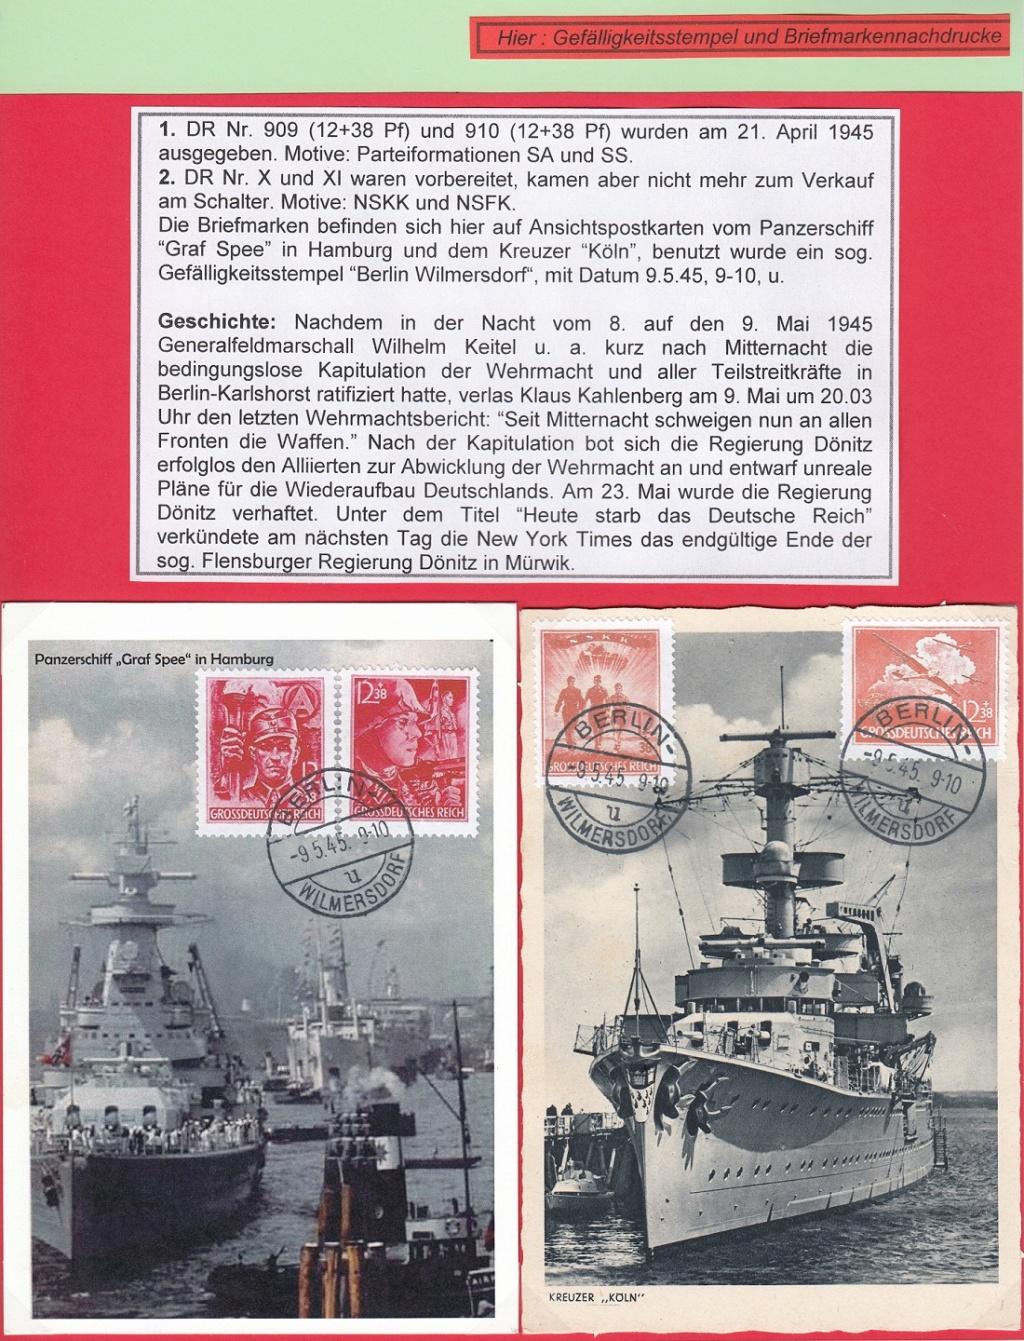 """1945 - Deutsches Reich von 1933 bis 1945 """"in einer ausgesuchten Perspektive"""" - Seite 2 Dr-6810"""